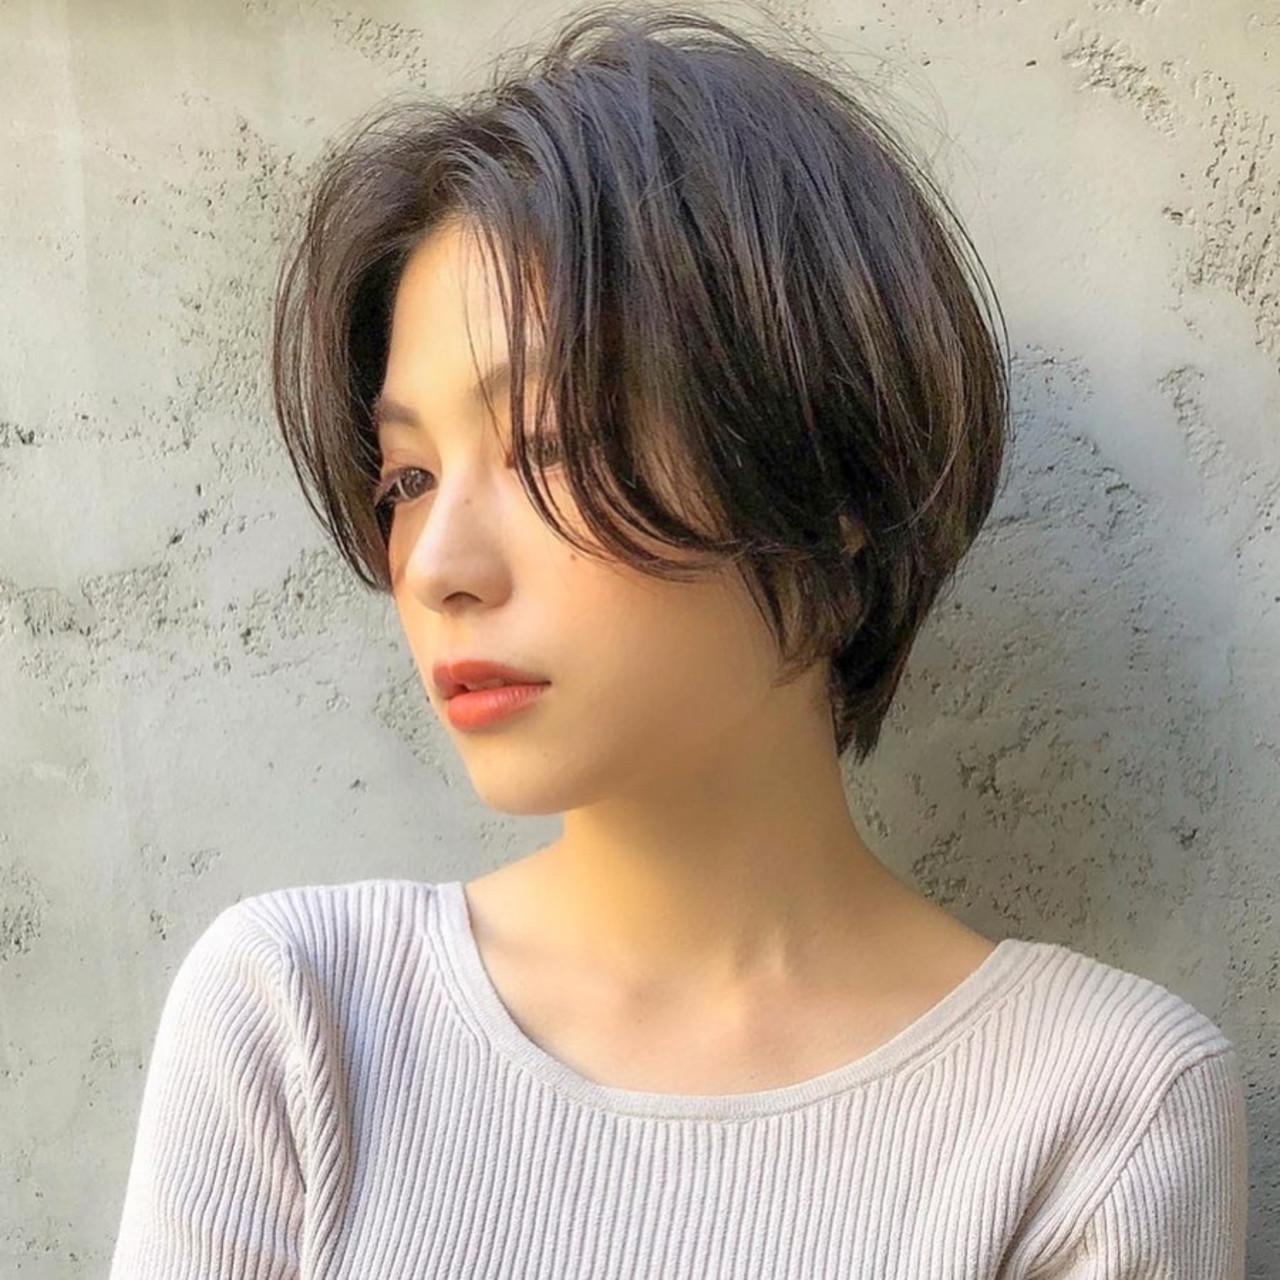 ナチュラル ベリーショート ミニボブ ショートボブ ヘアスタイルや髪型の写真・画像